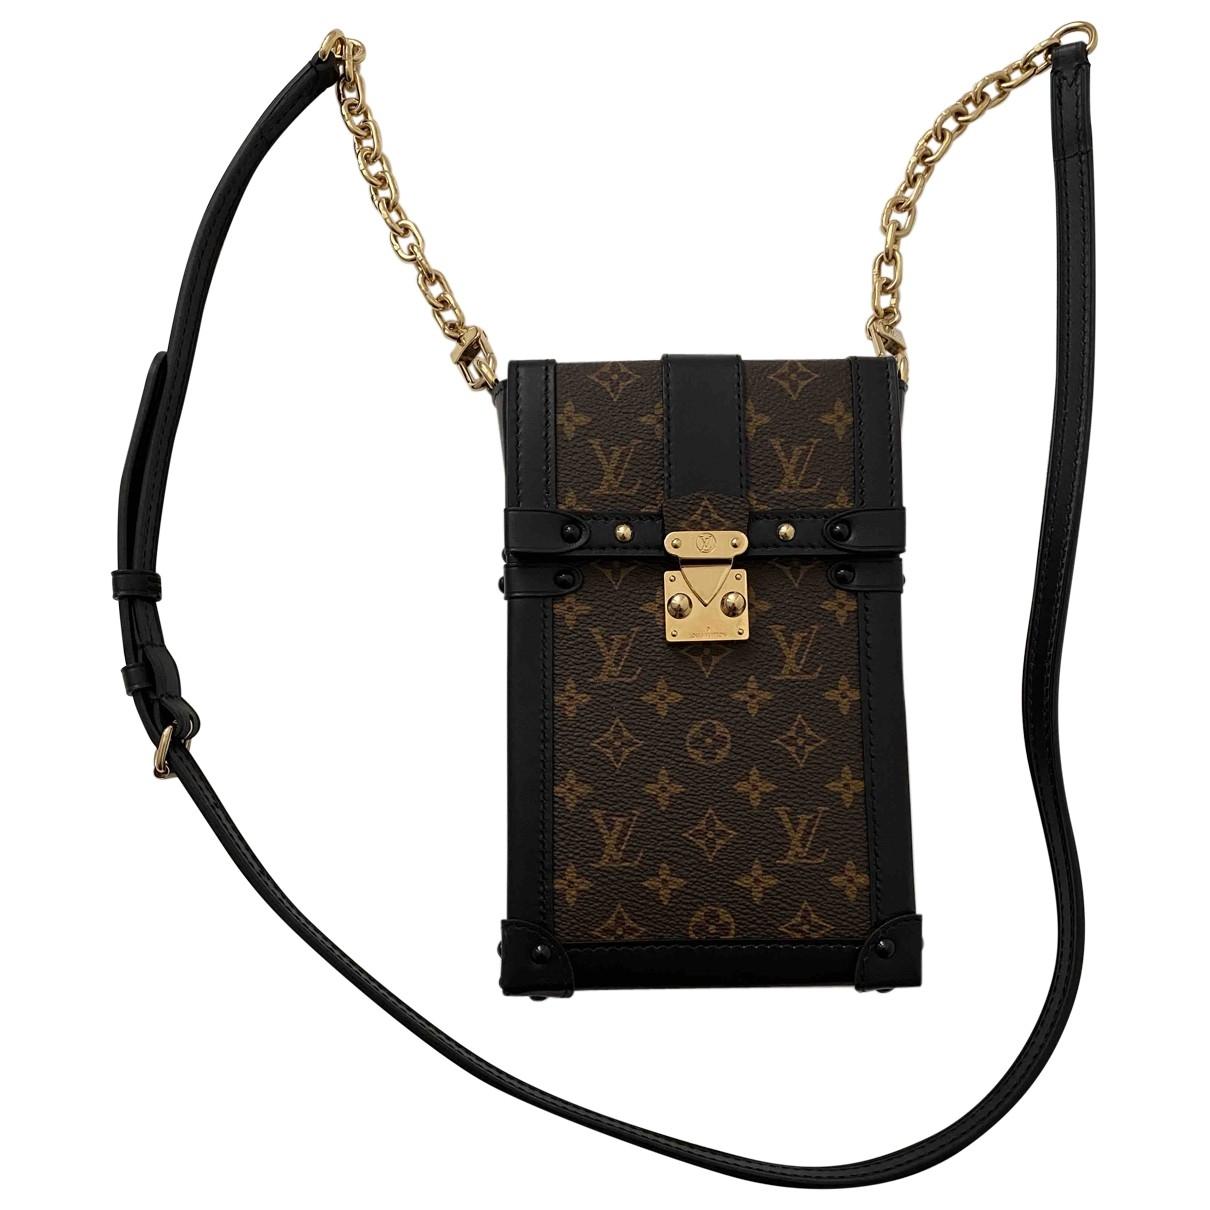 Pochette Petit Malle de Lona Louis Vuitton